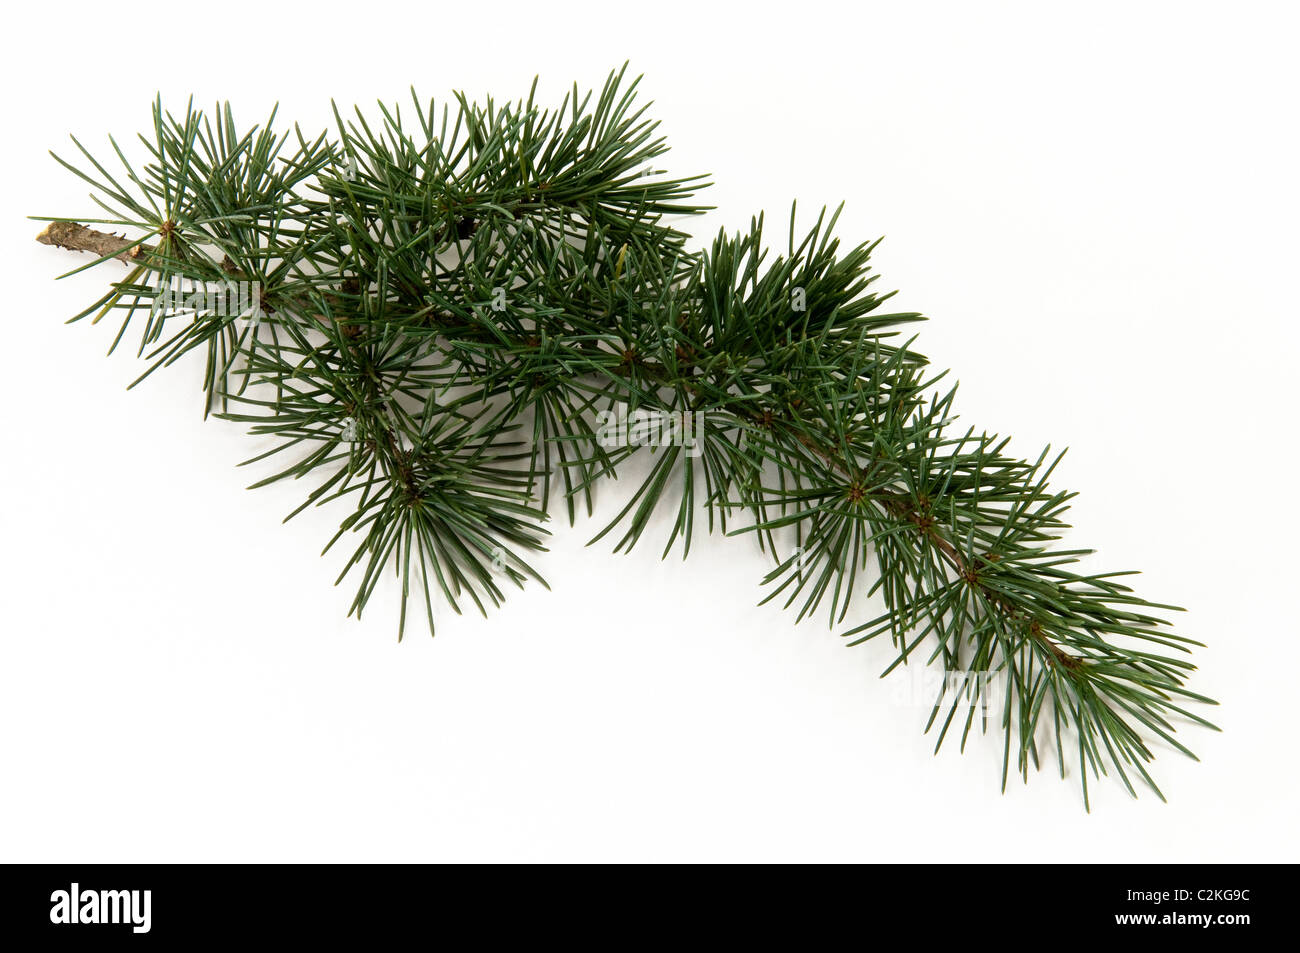 Deodar Cedar, Himalayan Cedar (Cedrus deodara), twig. Studio picture against a white background. - Stock Image